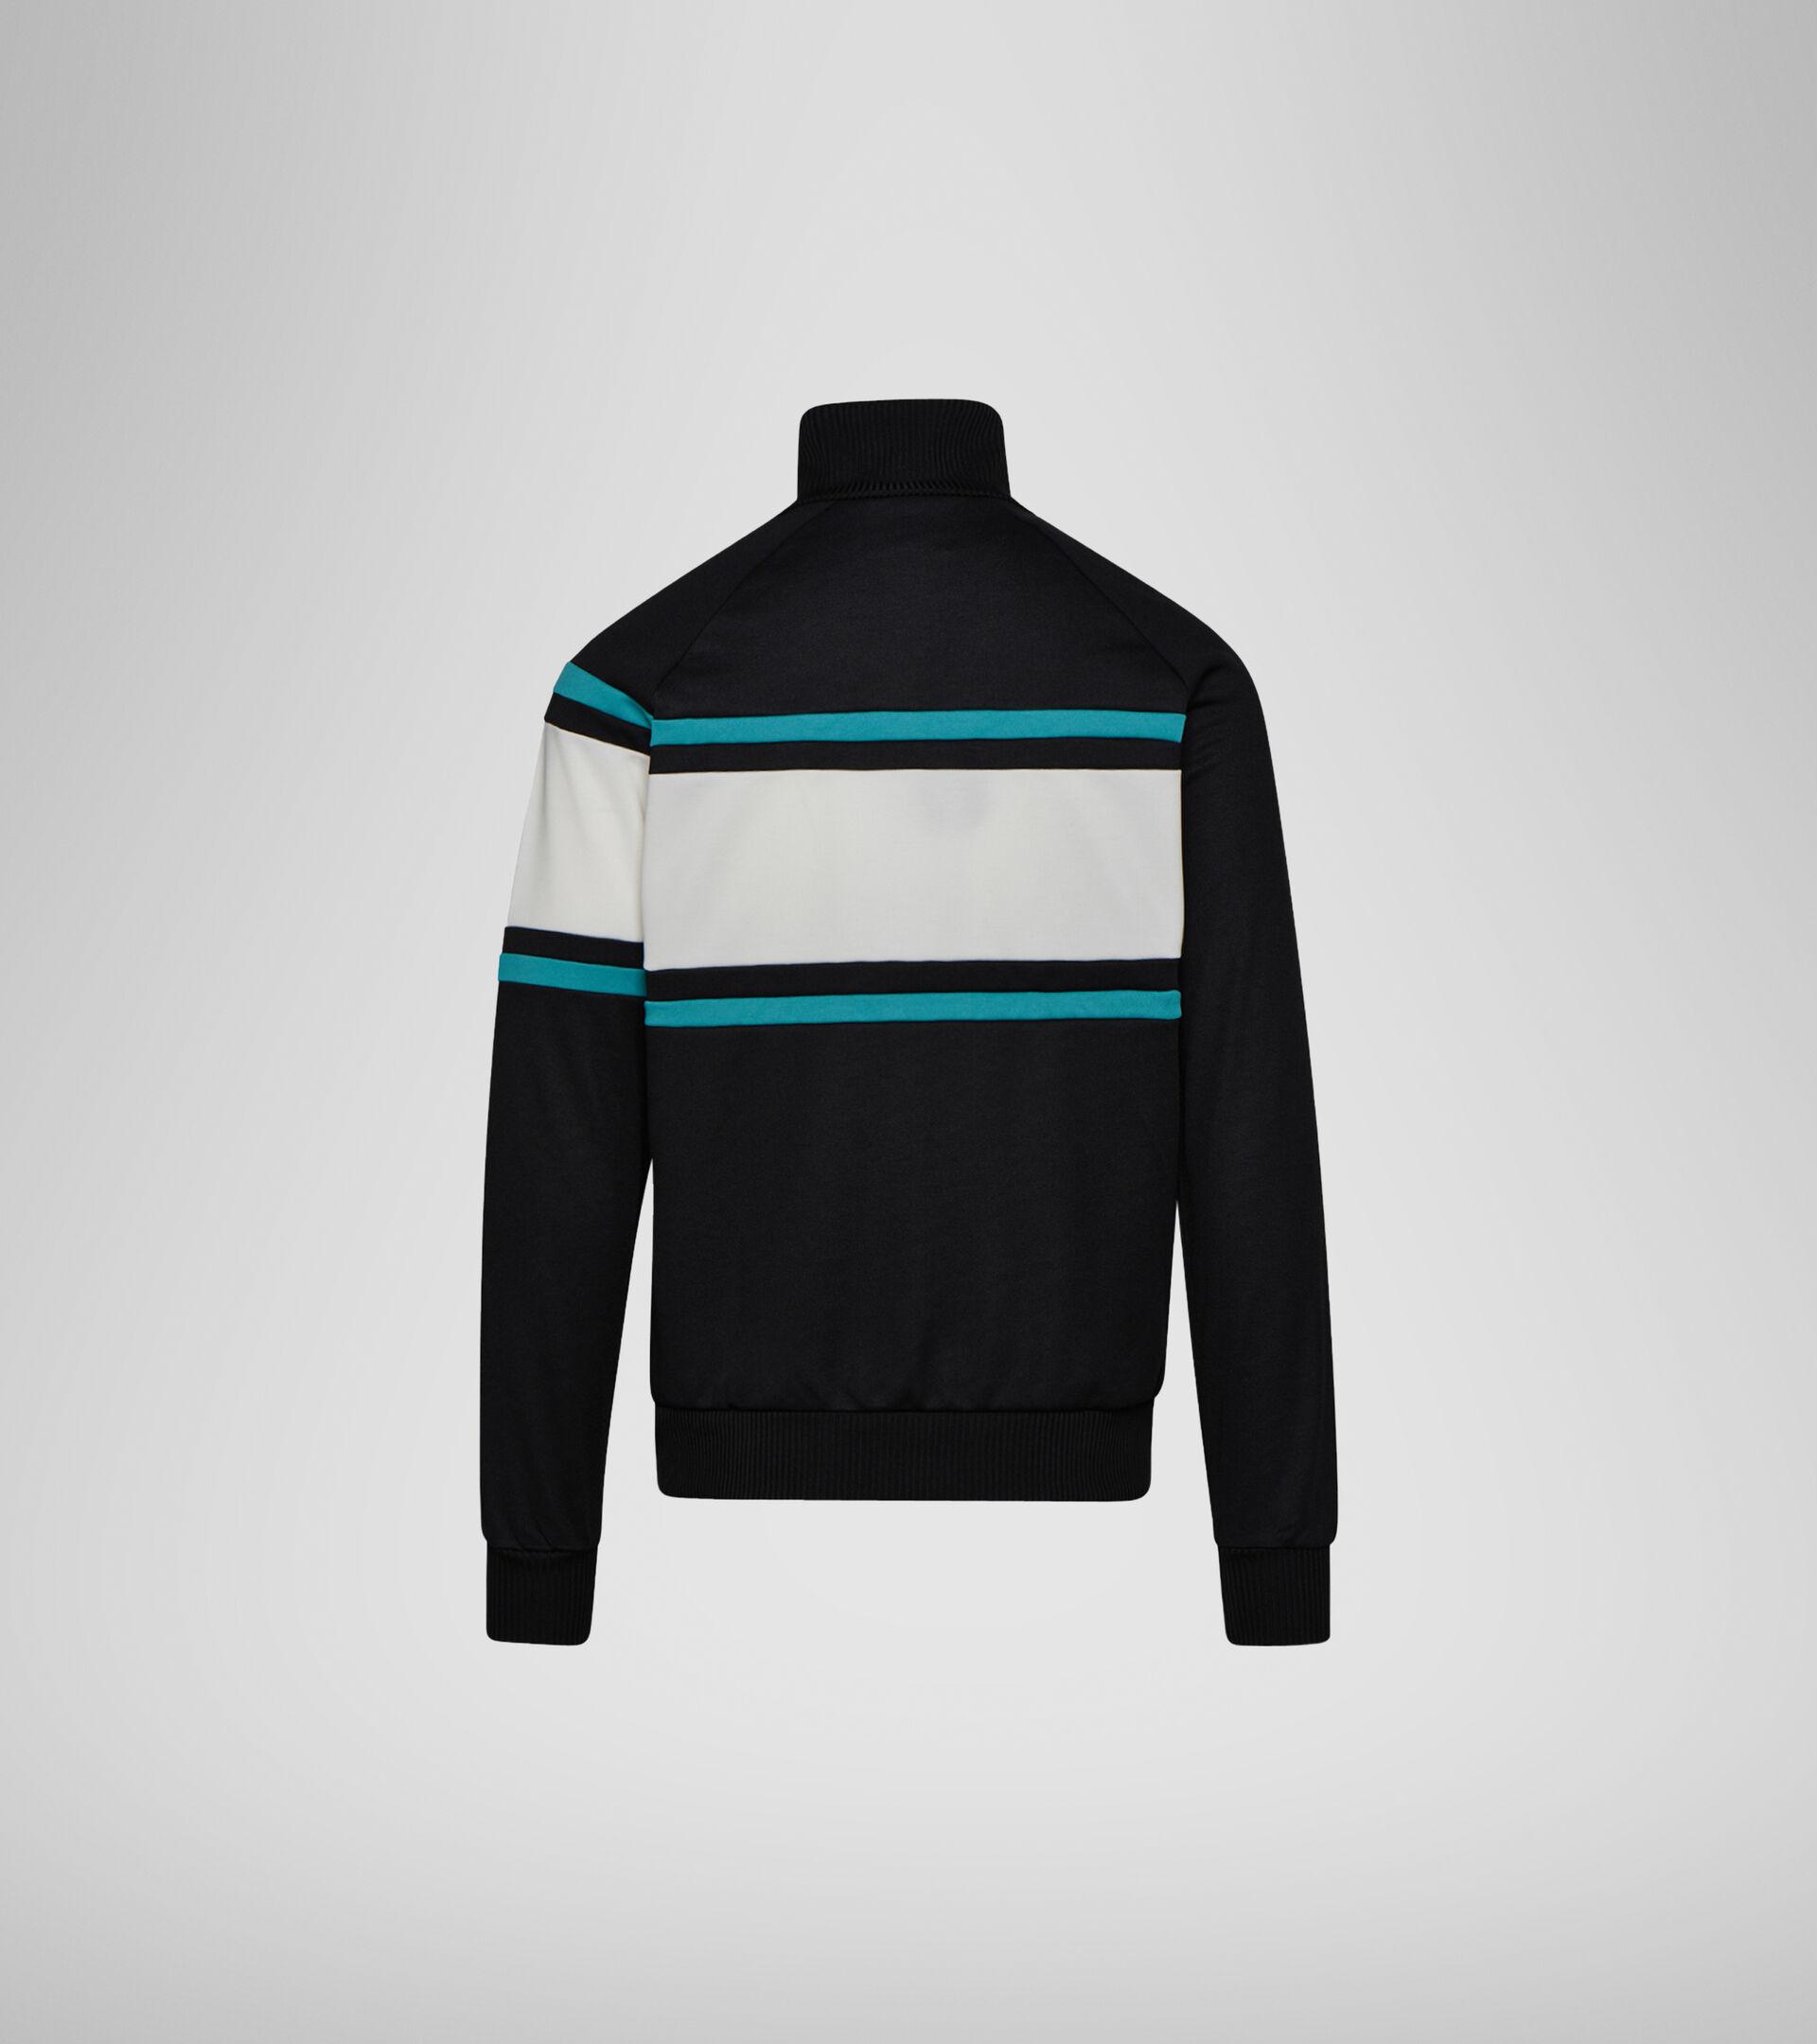 Apparel Sportswear UOMO JACKET 80S NEGRO/VERDE VIRIDIAN/BLCO LECH Diadora